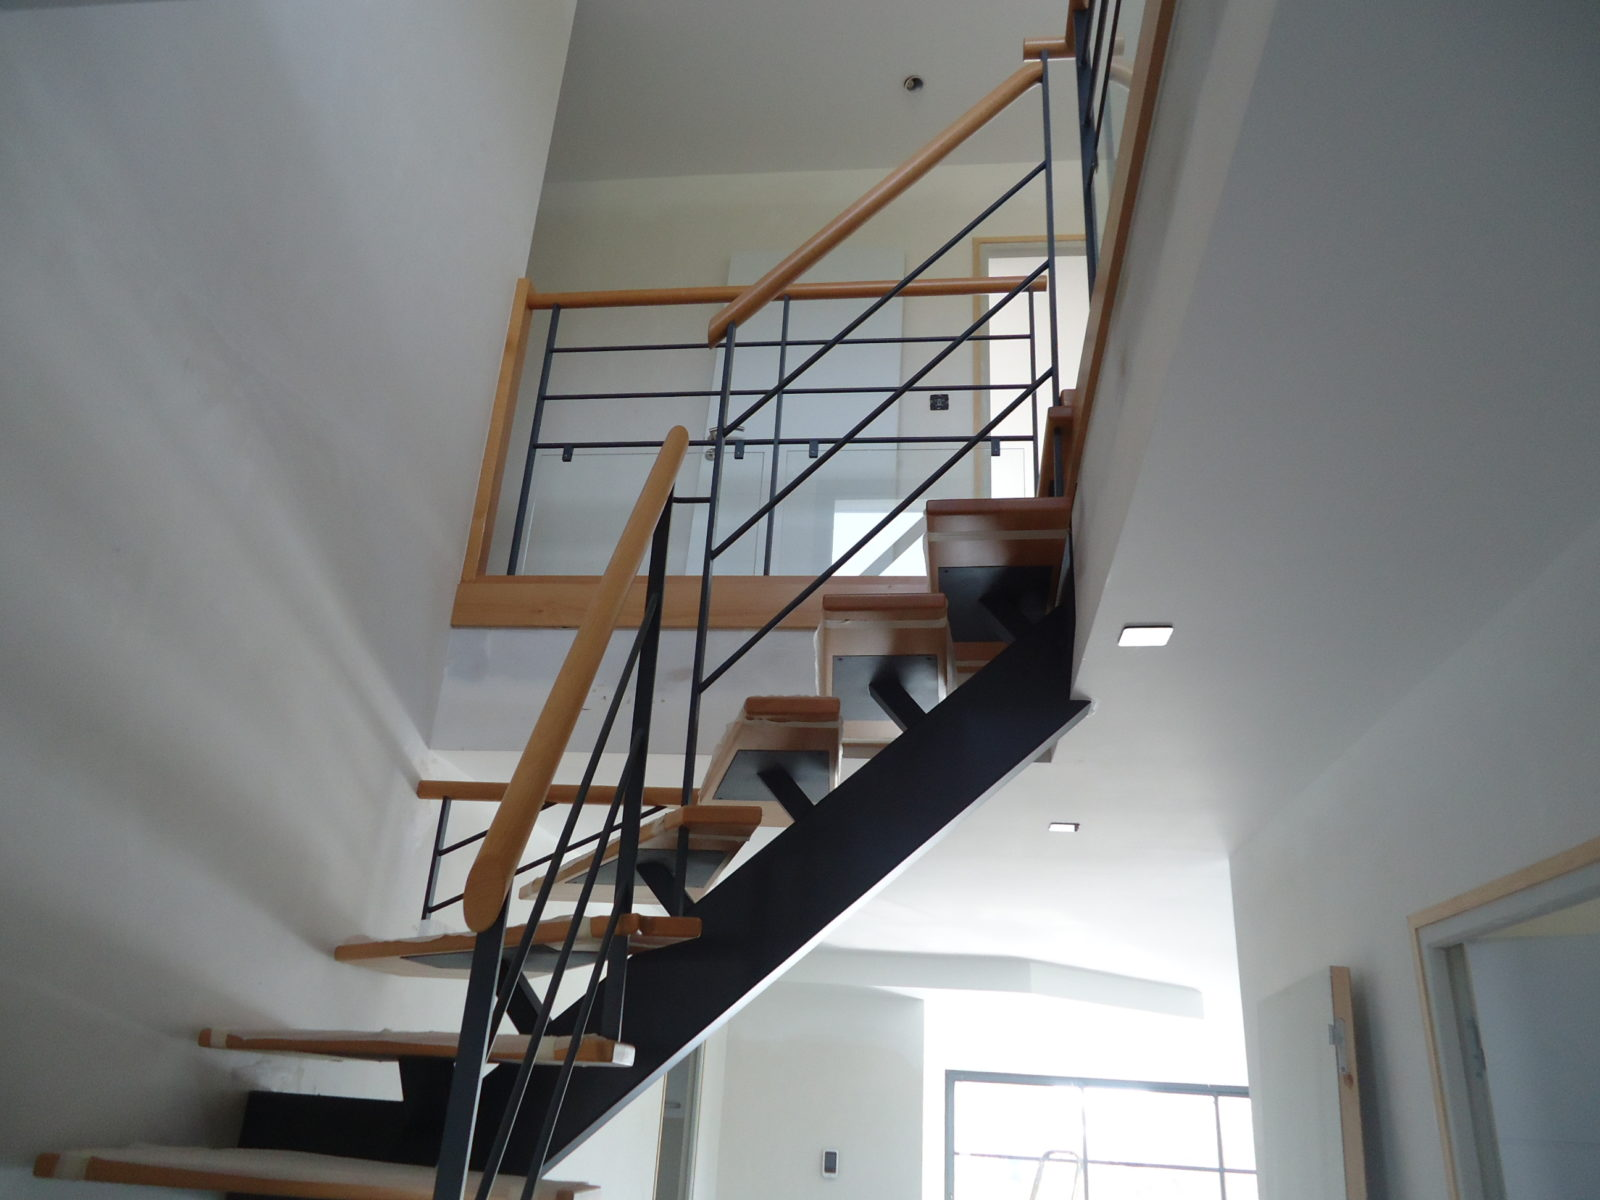 Escalier Dans La Maison nos réalisations : escaliers - la maison de sophie